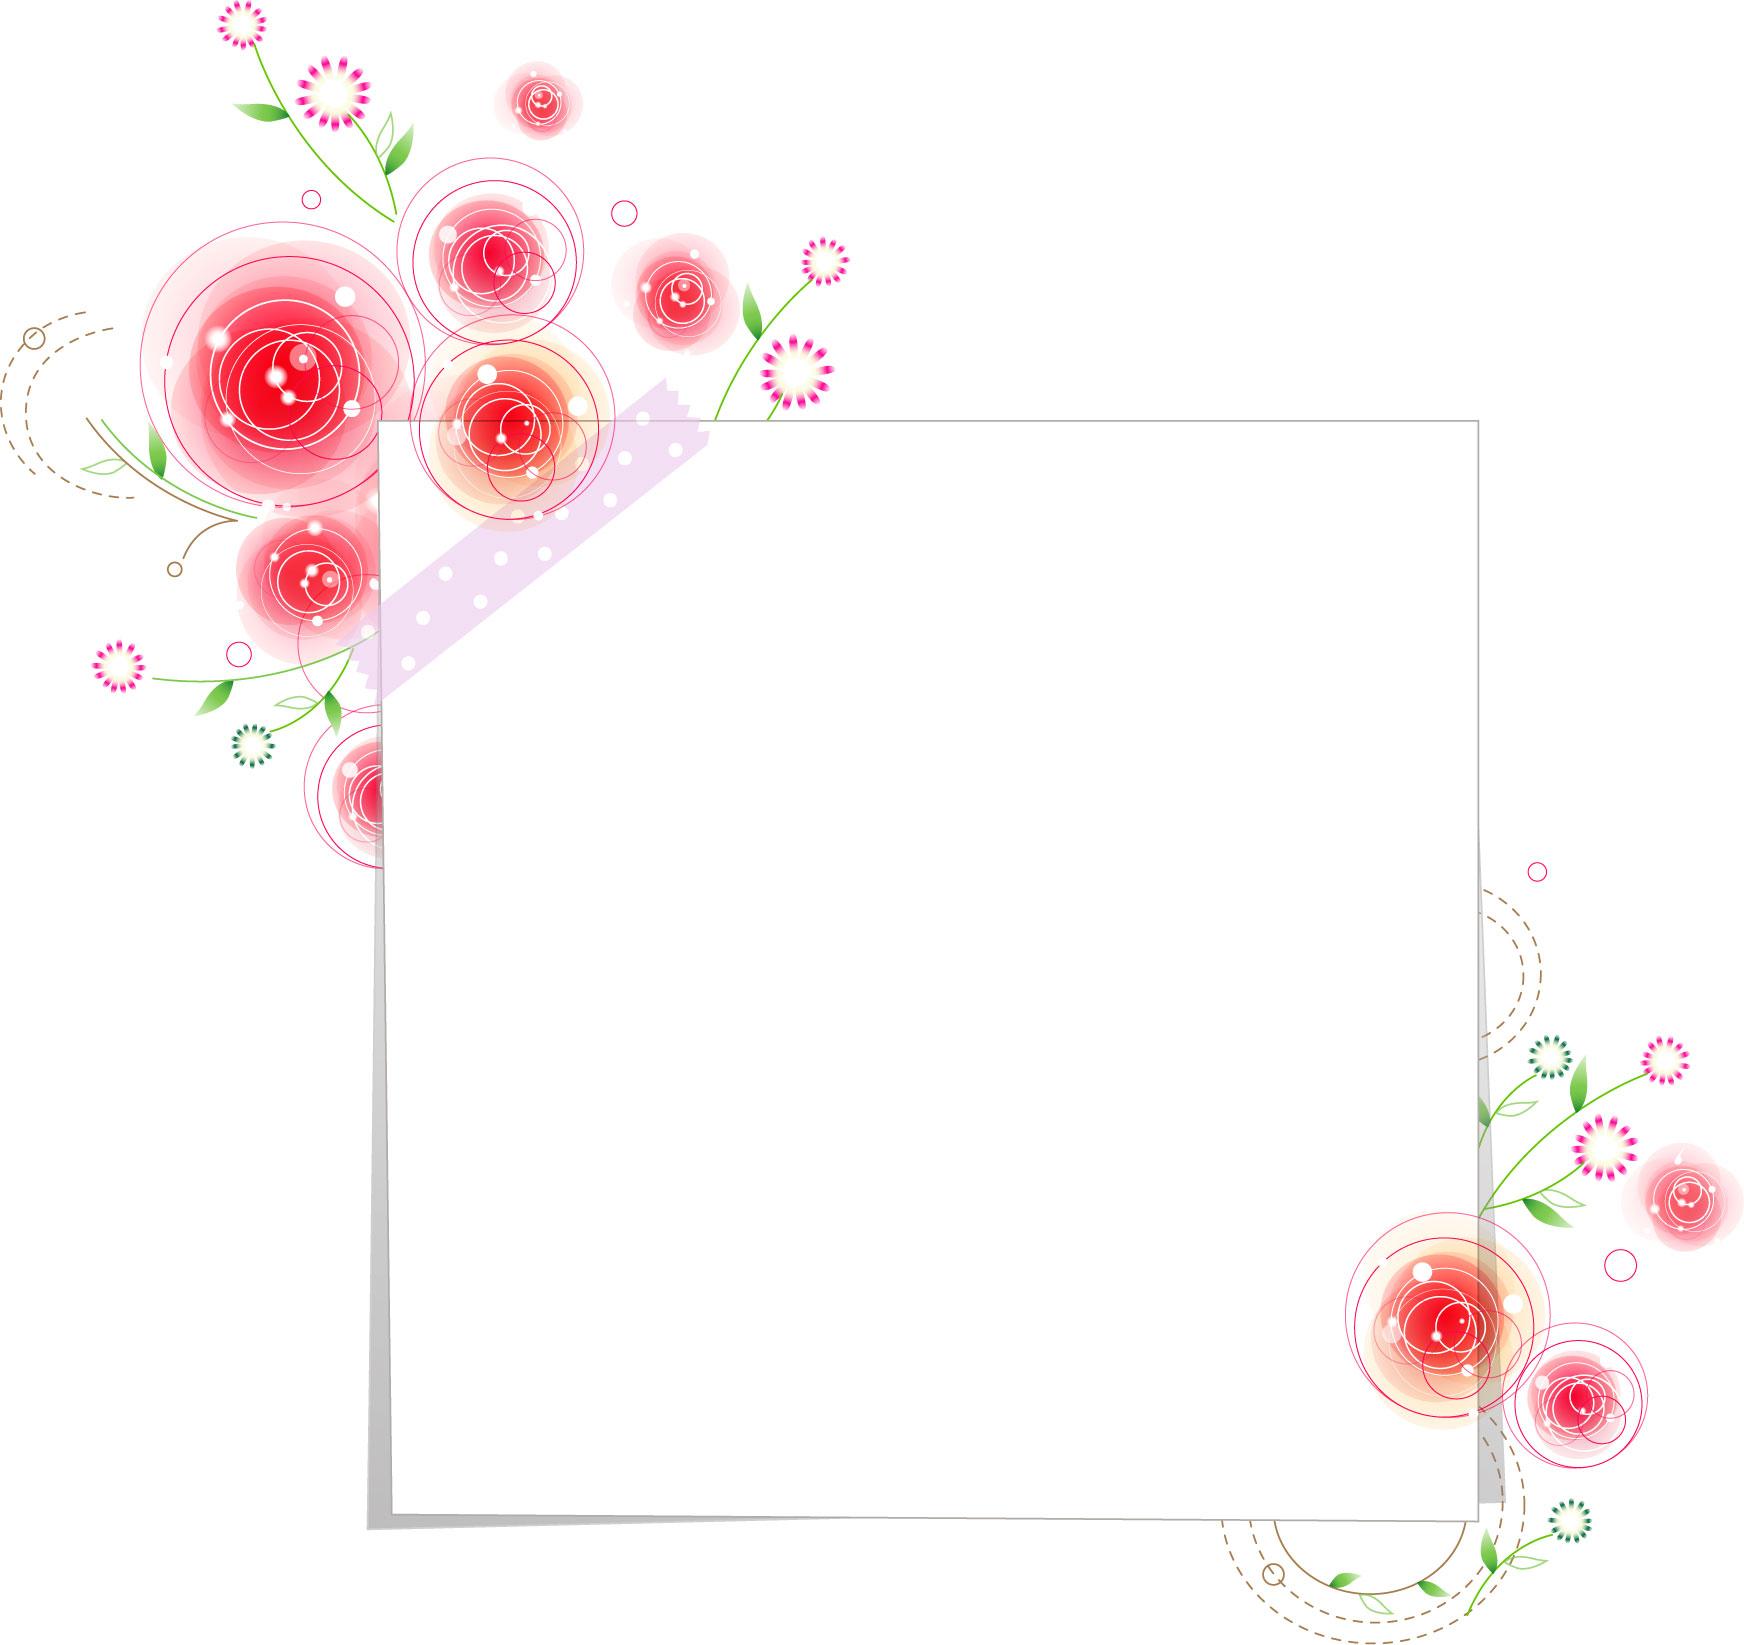 花のイラスト・フリー素材/フレーム枠no.383『白い色紙・かわいい花』